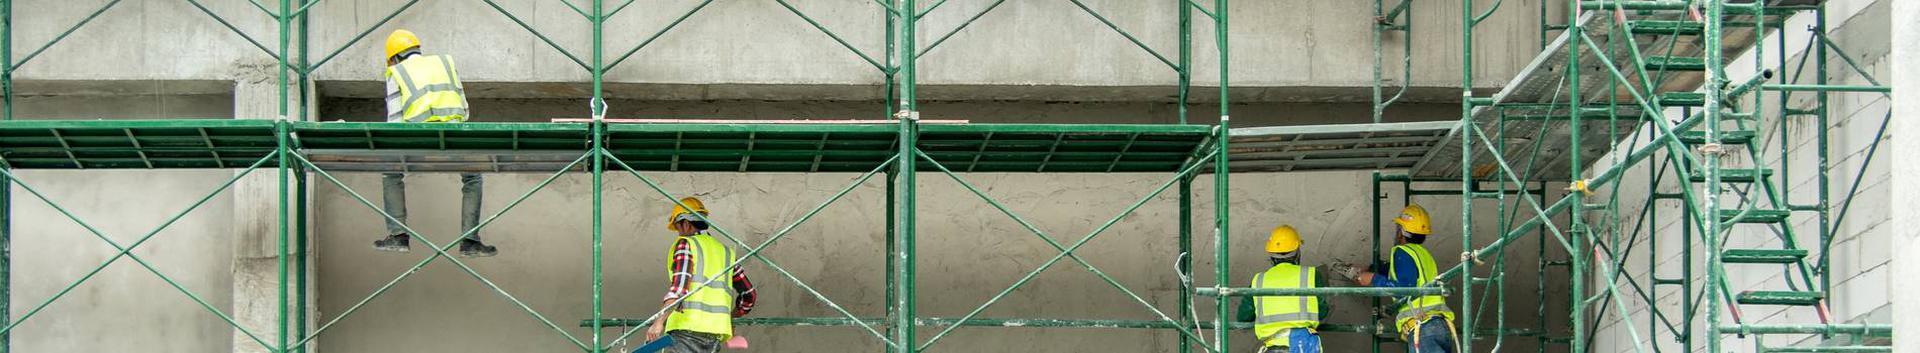 4339_ehitiste-viimistlus_82863707_xl.jpg